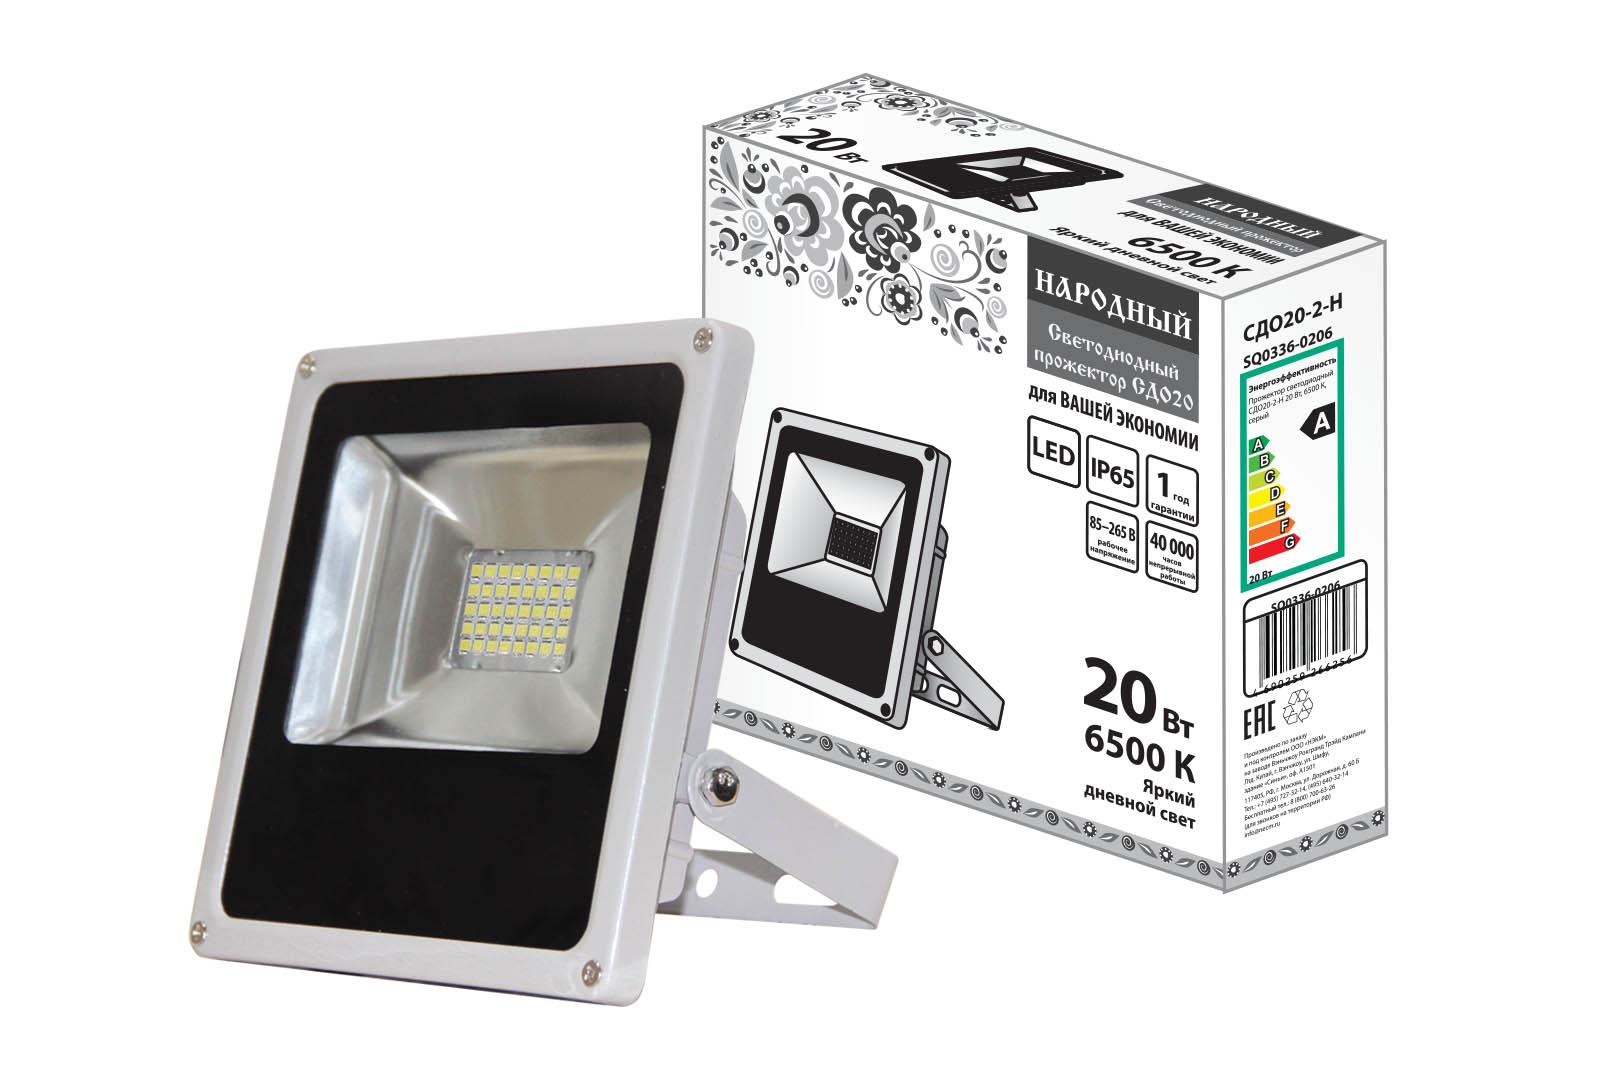 Фото Прожектор светодиодный СДО20-2-Н 20 Вт, 6500 К, серый {SQ0336-0206}